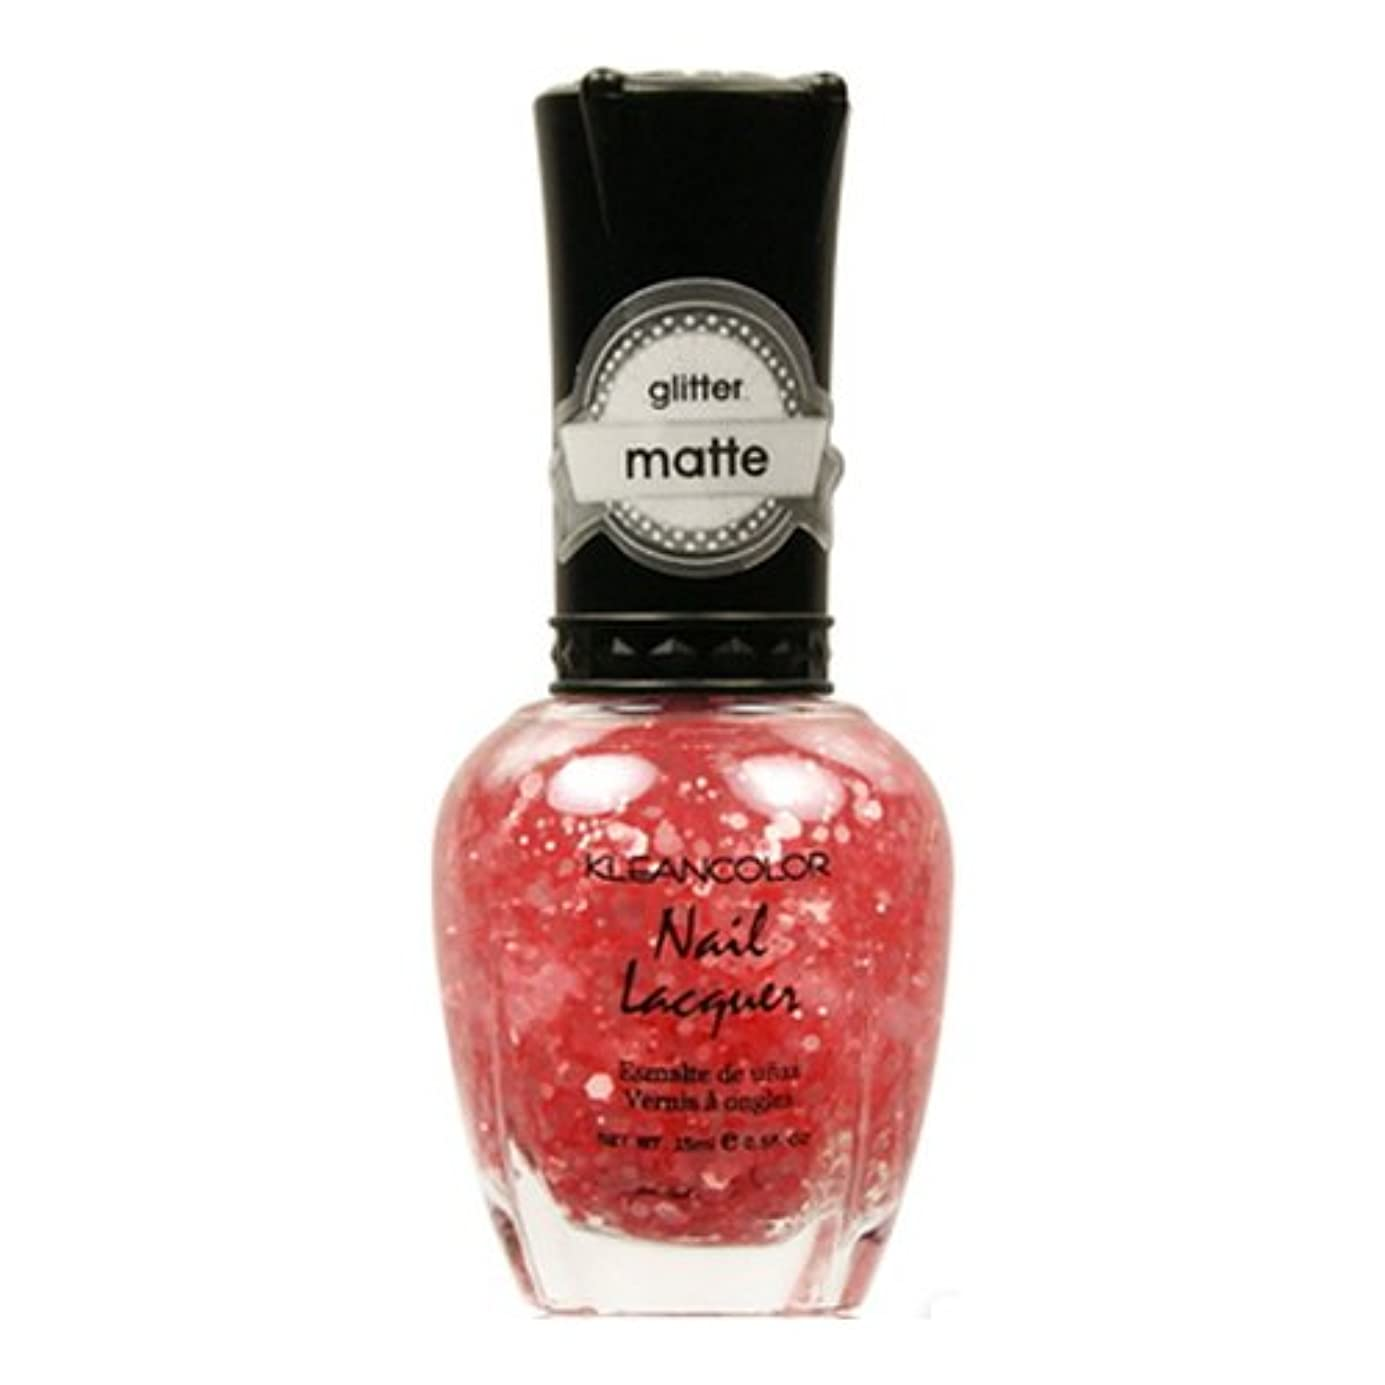 運賃簡単な妊娠したKLEANCOLOR Glitter Matte Nail Lacquer - Blush Pink (並行輸入品)